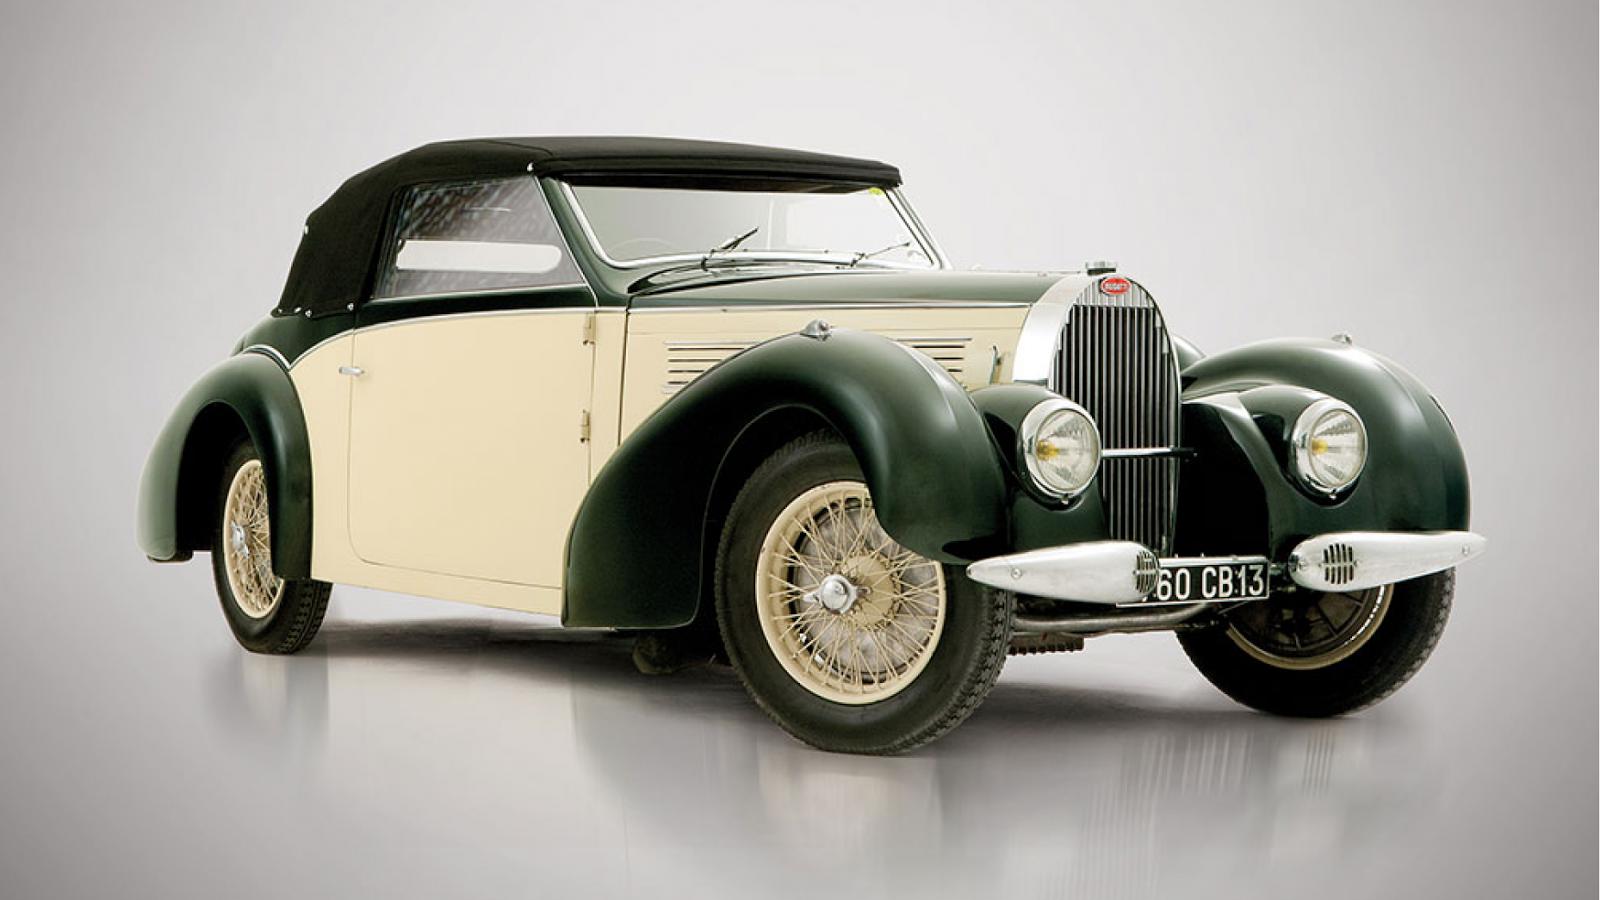 1939 Bugatti Type 57 Cabriolet by Gangloff - £ 520k